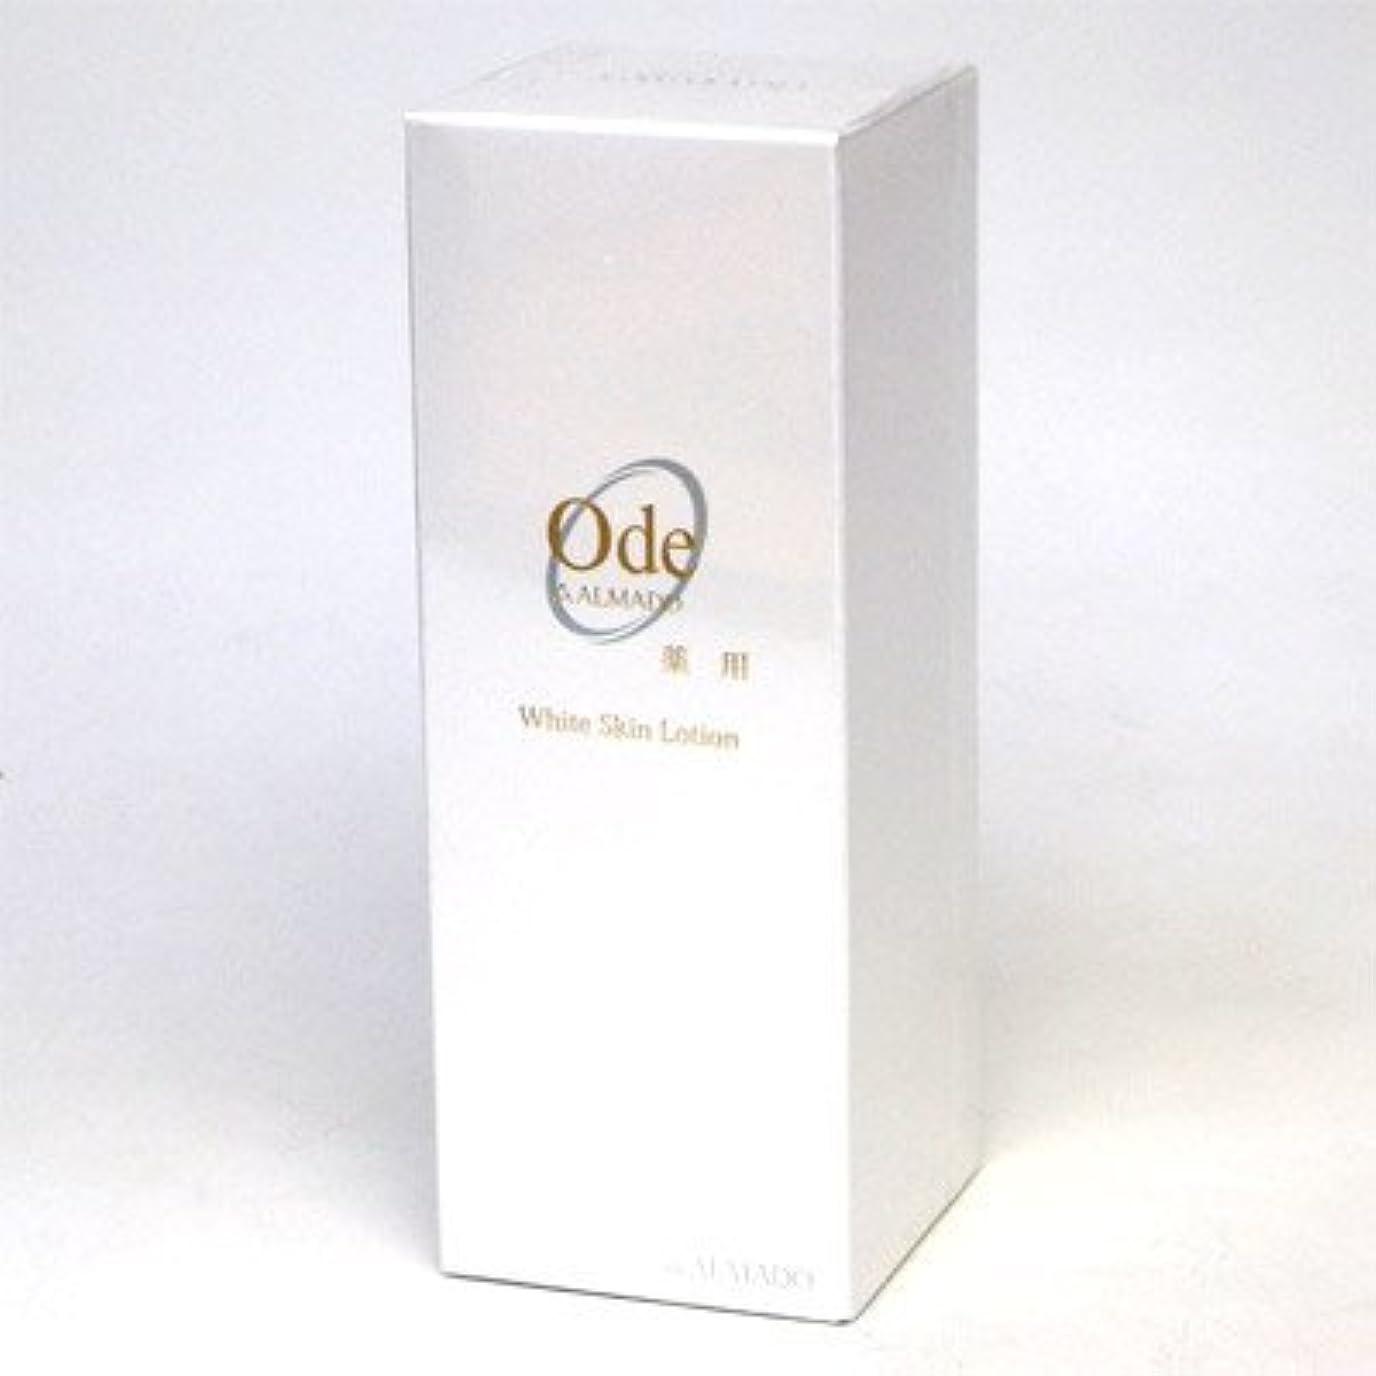 ディプロマ多数の統合アルマード オーディ 薬用スキンローション 120ml 医薬部外品